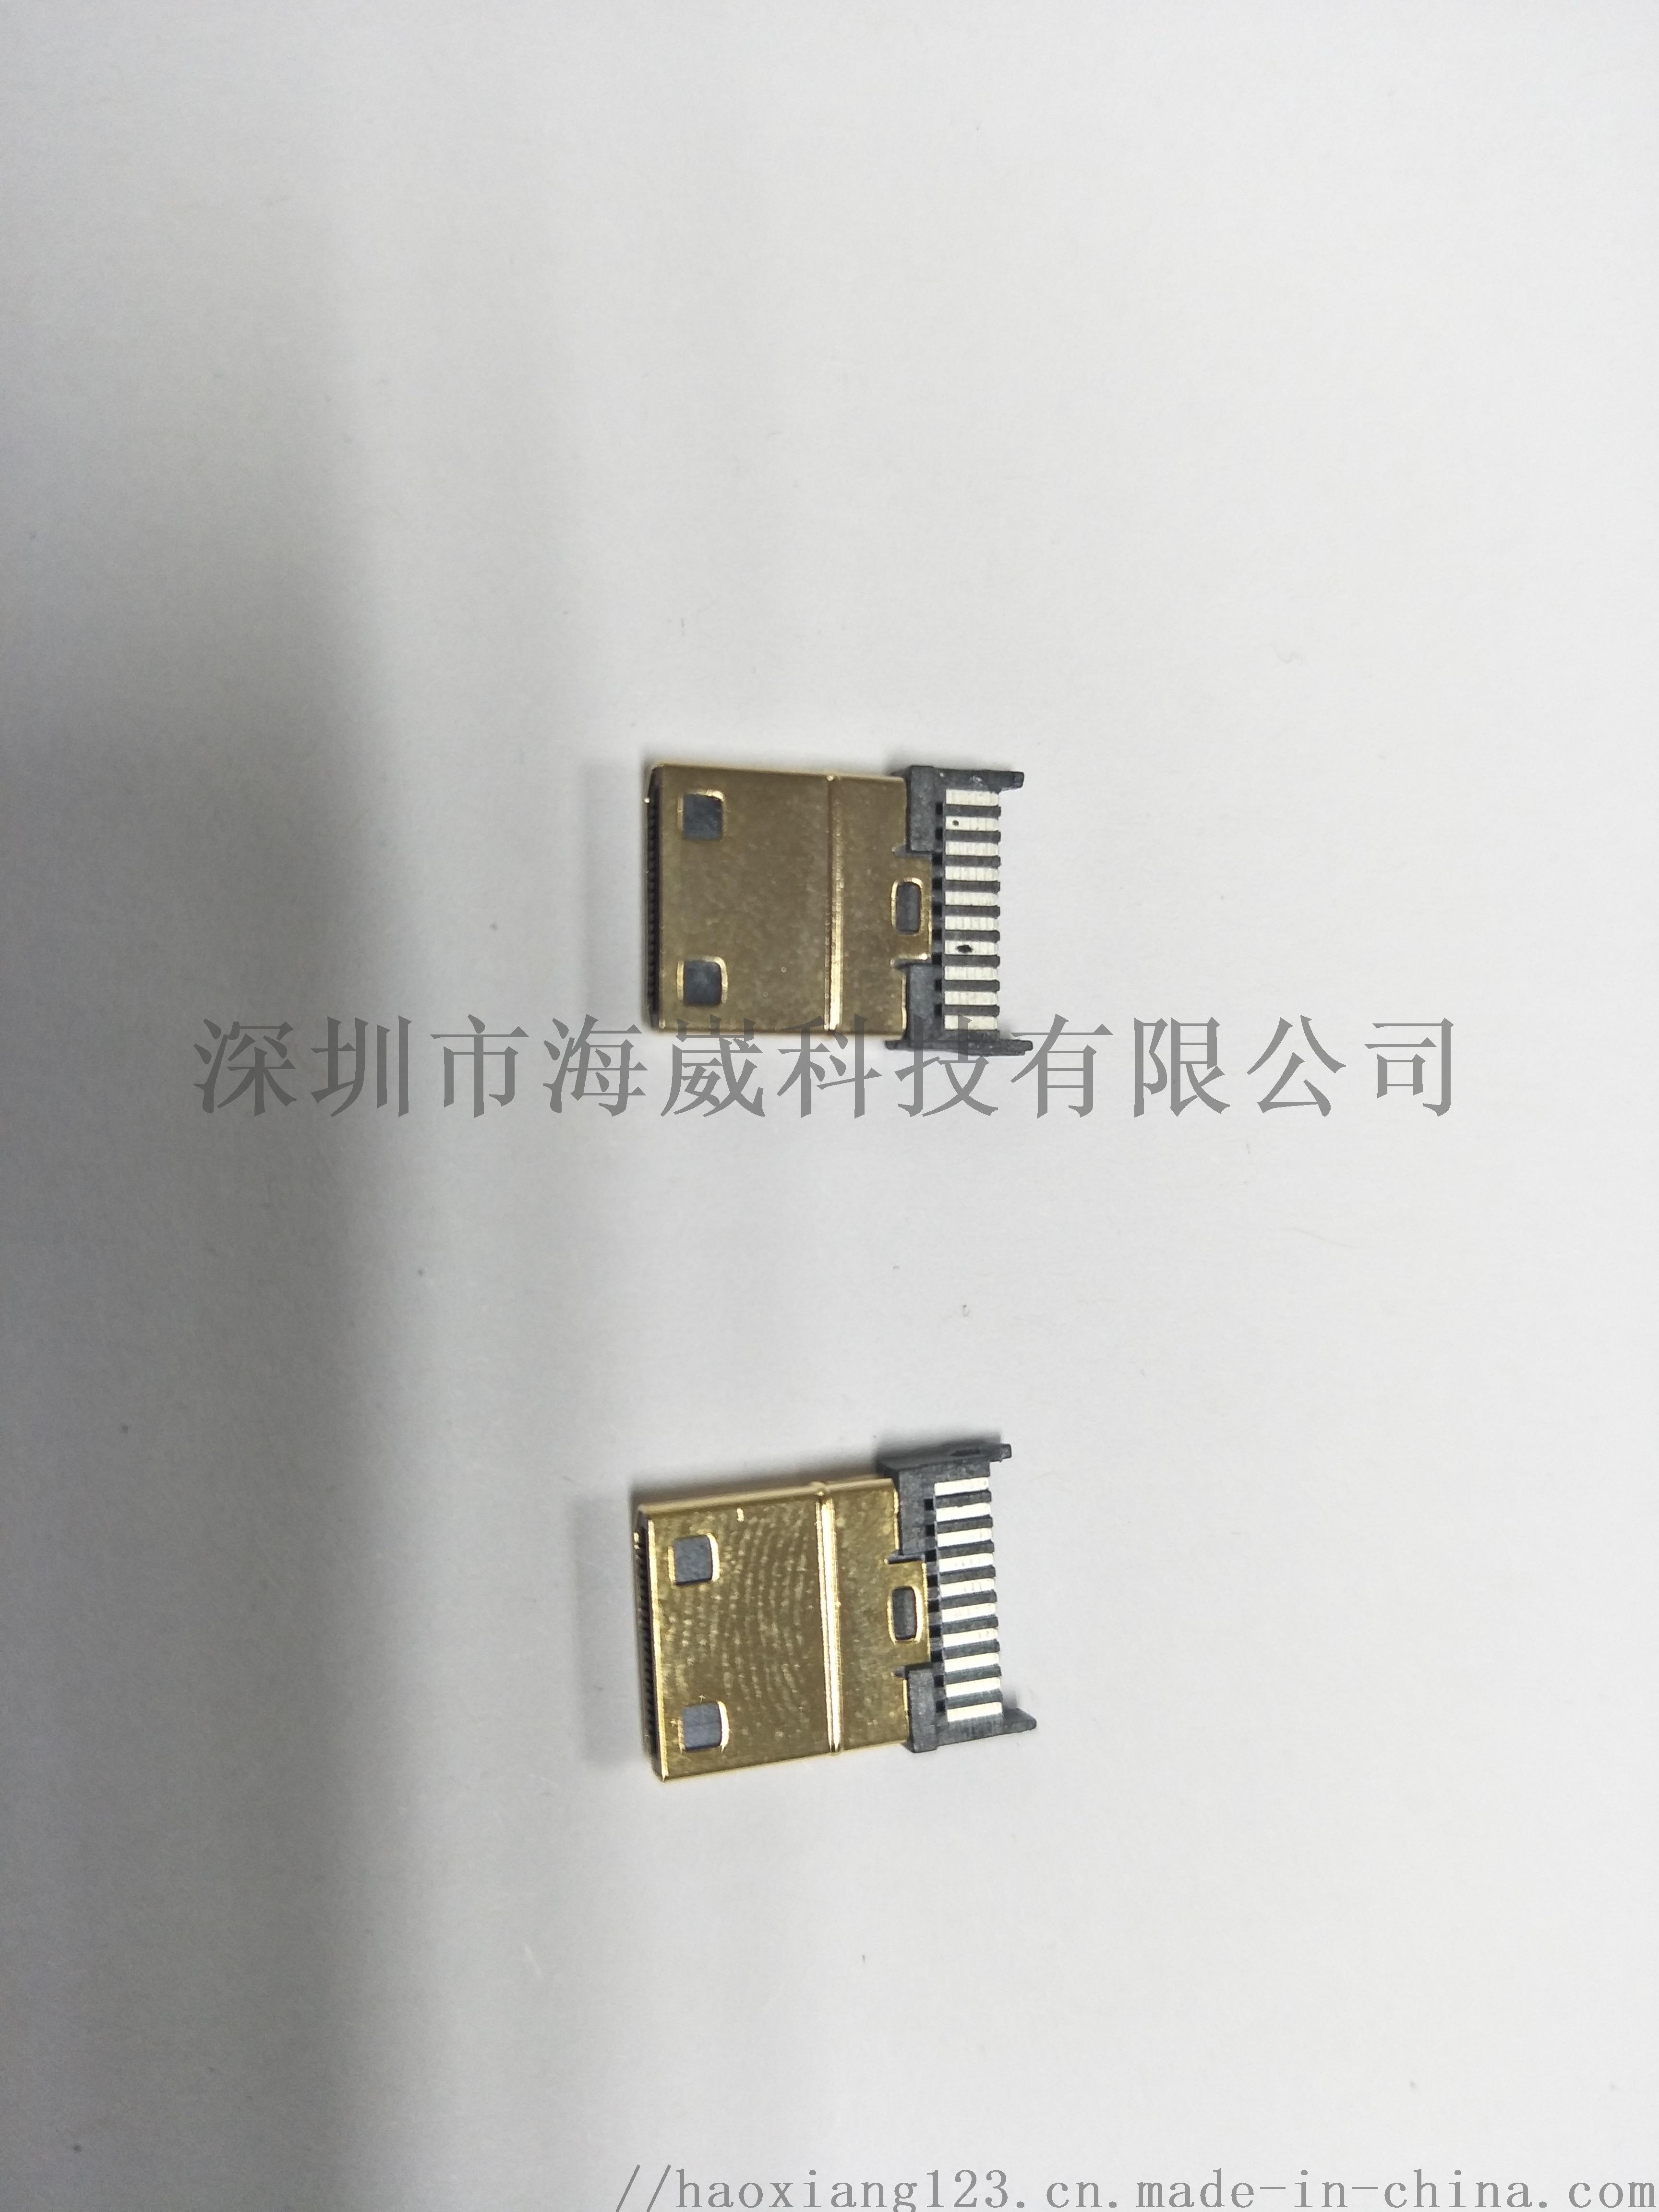 2f433f80c9a93133a557d5d8b6d4db3.jpg